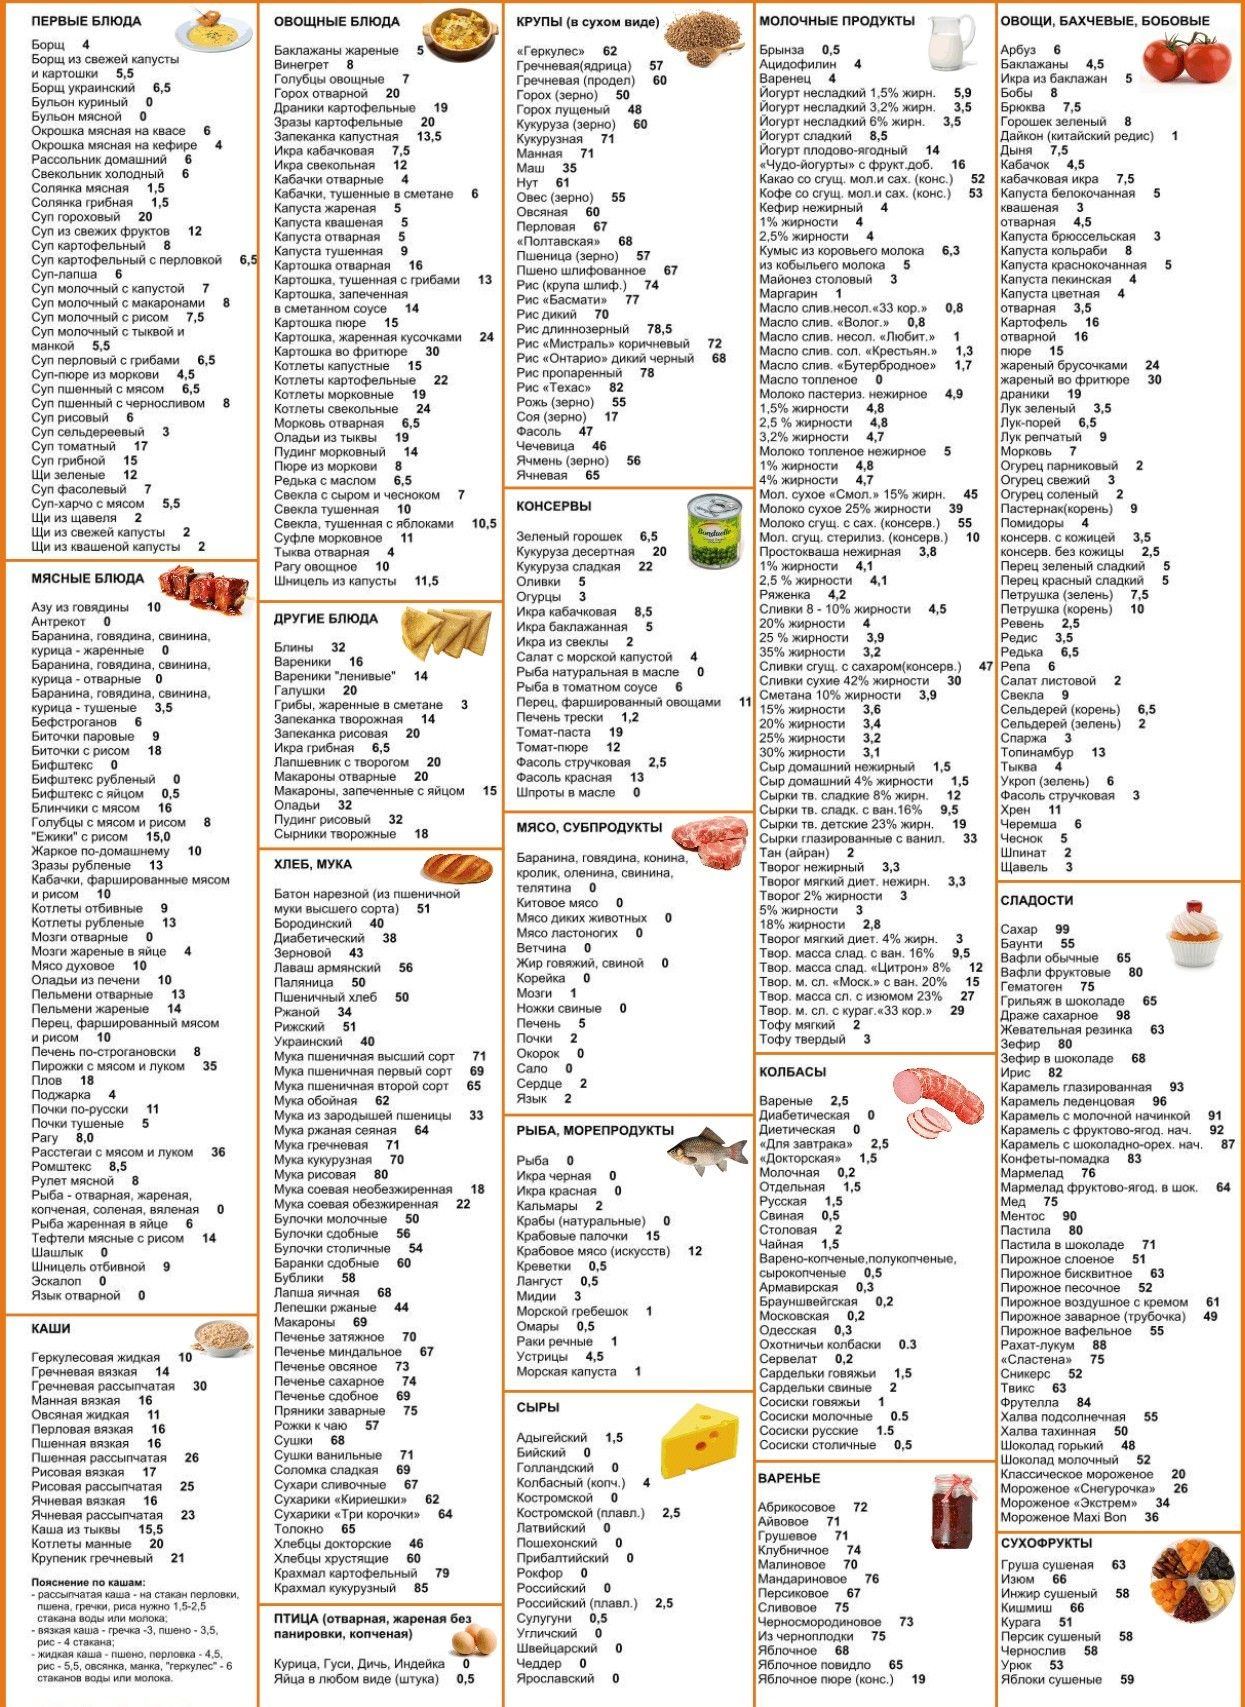 Кремлевская диета рецепты блюд и меню на каждый день.